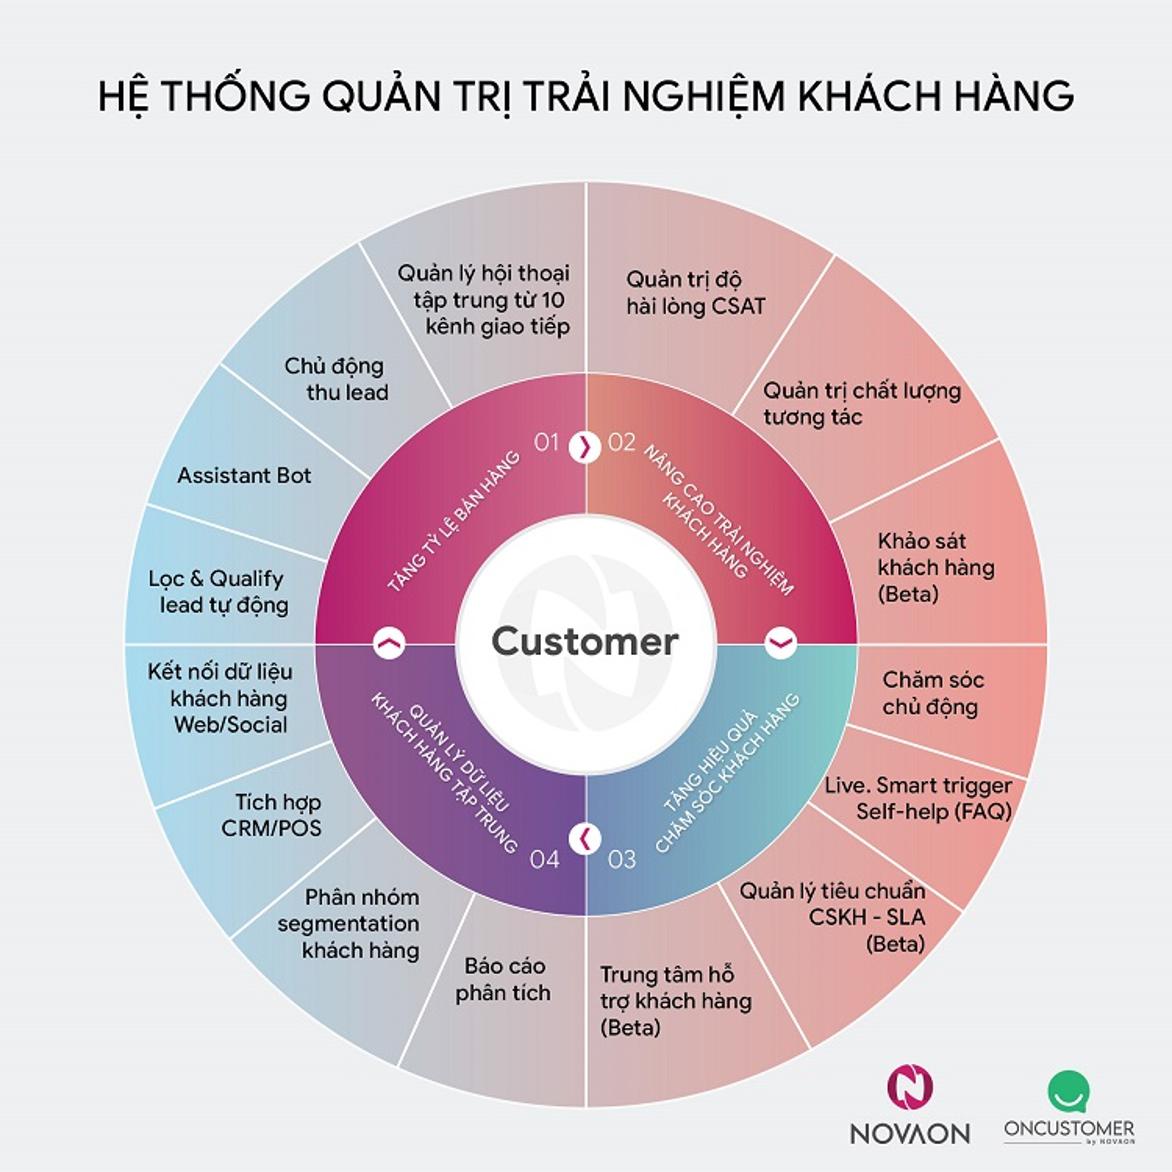 Hệ thống quản trị trải nghiệm khách hàng theo giải pháp từ Novaon.